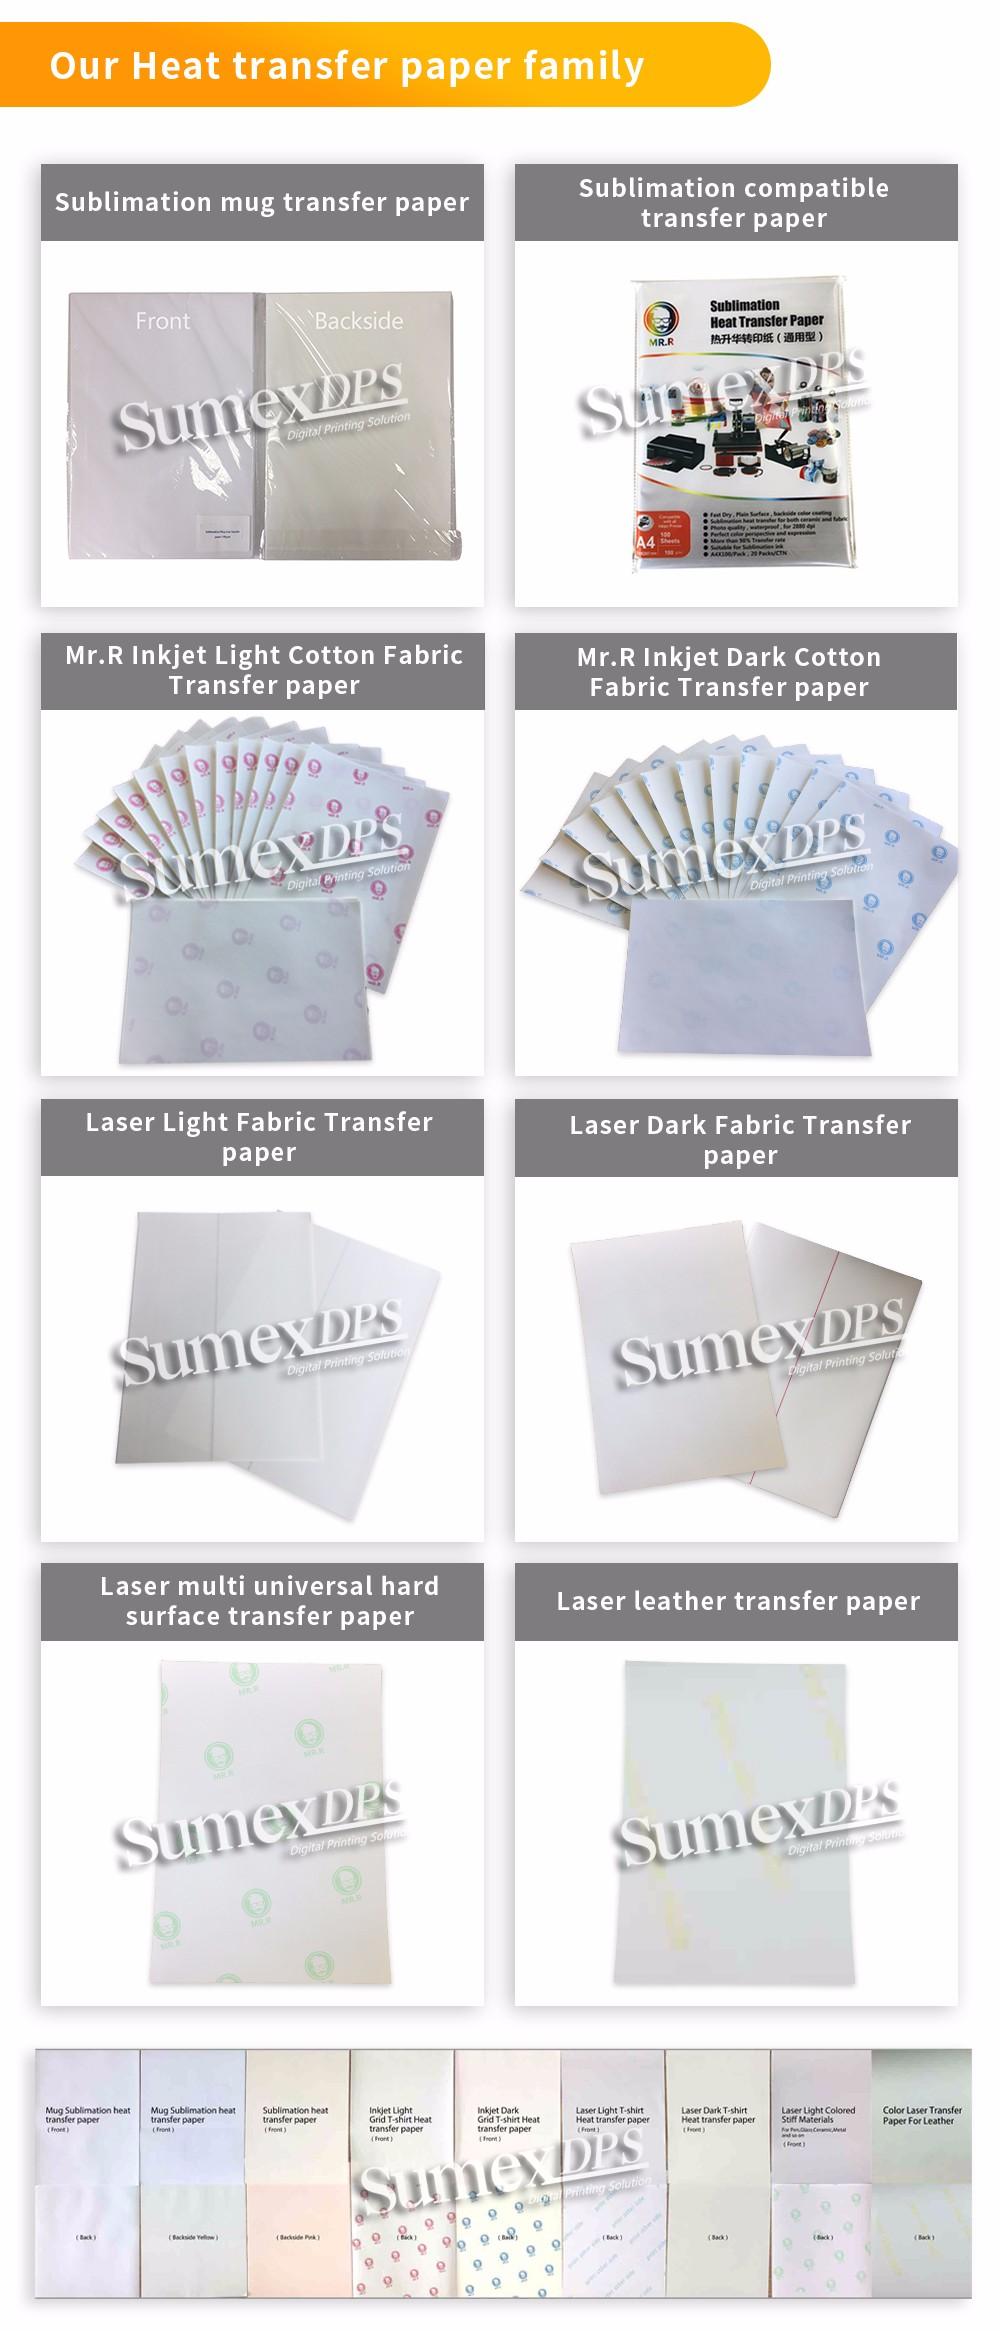 Papel de Transferência de Calor sublimação no cut Superfície Dura 110gsm, A4, imediato secam, para canecas, canecas de vidro, MDF, metal, etc